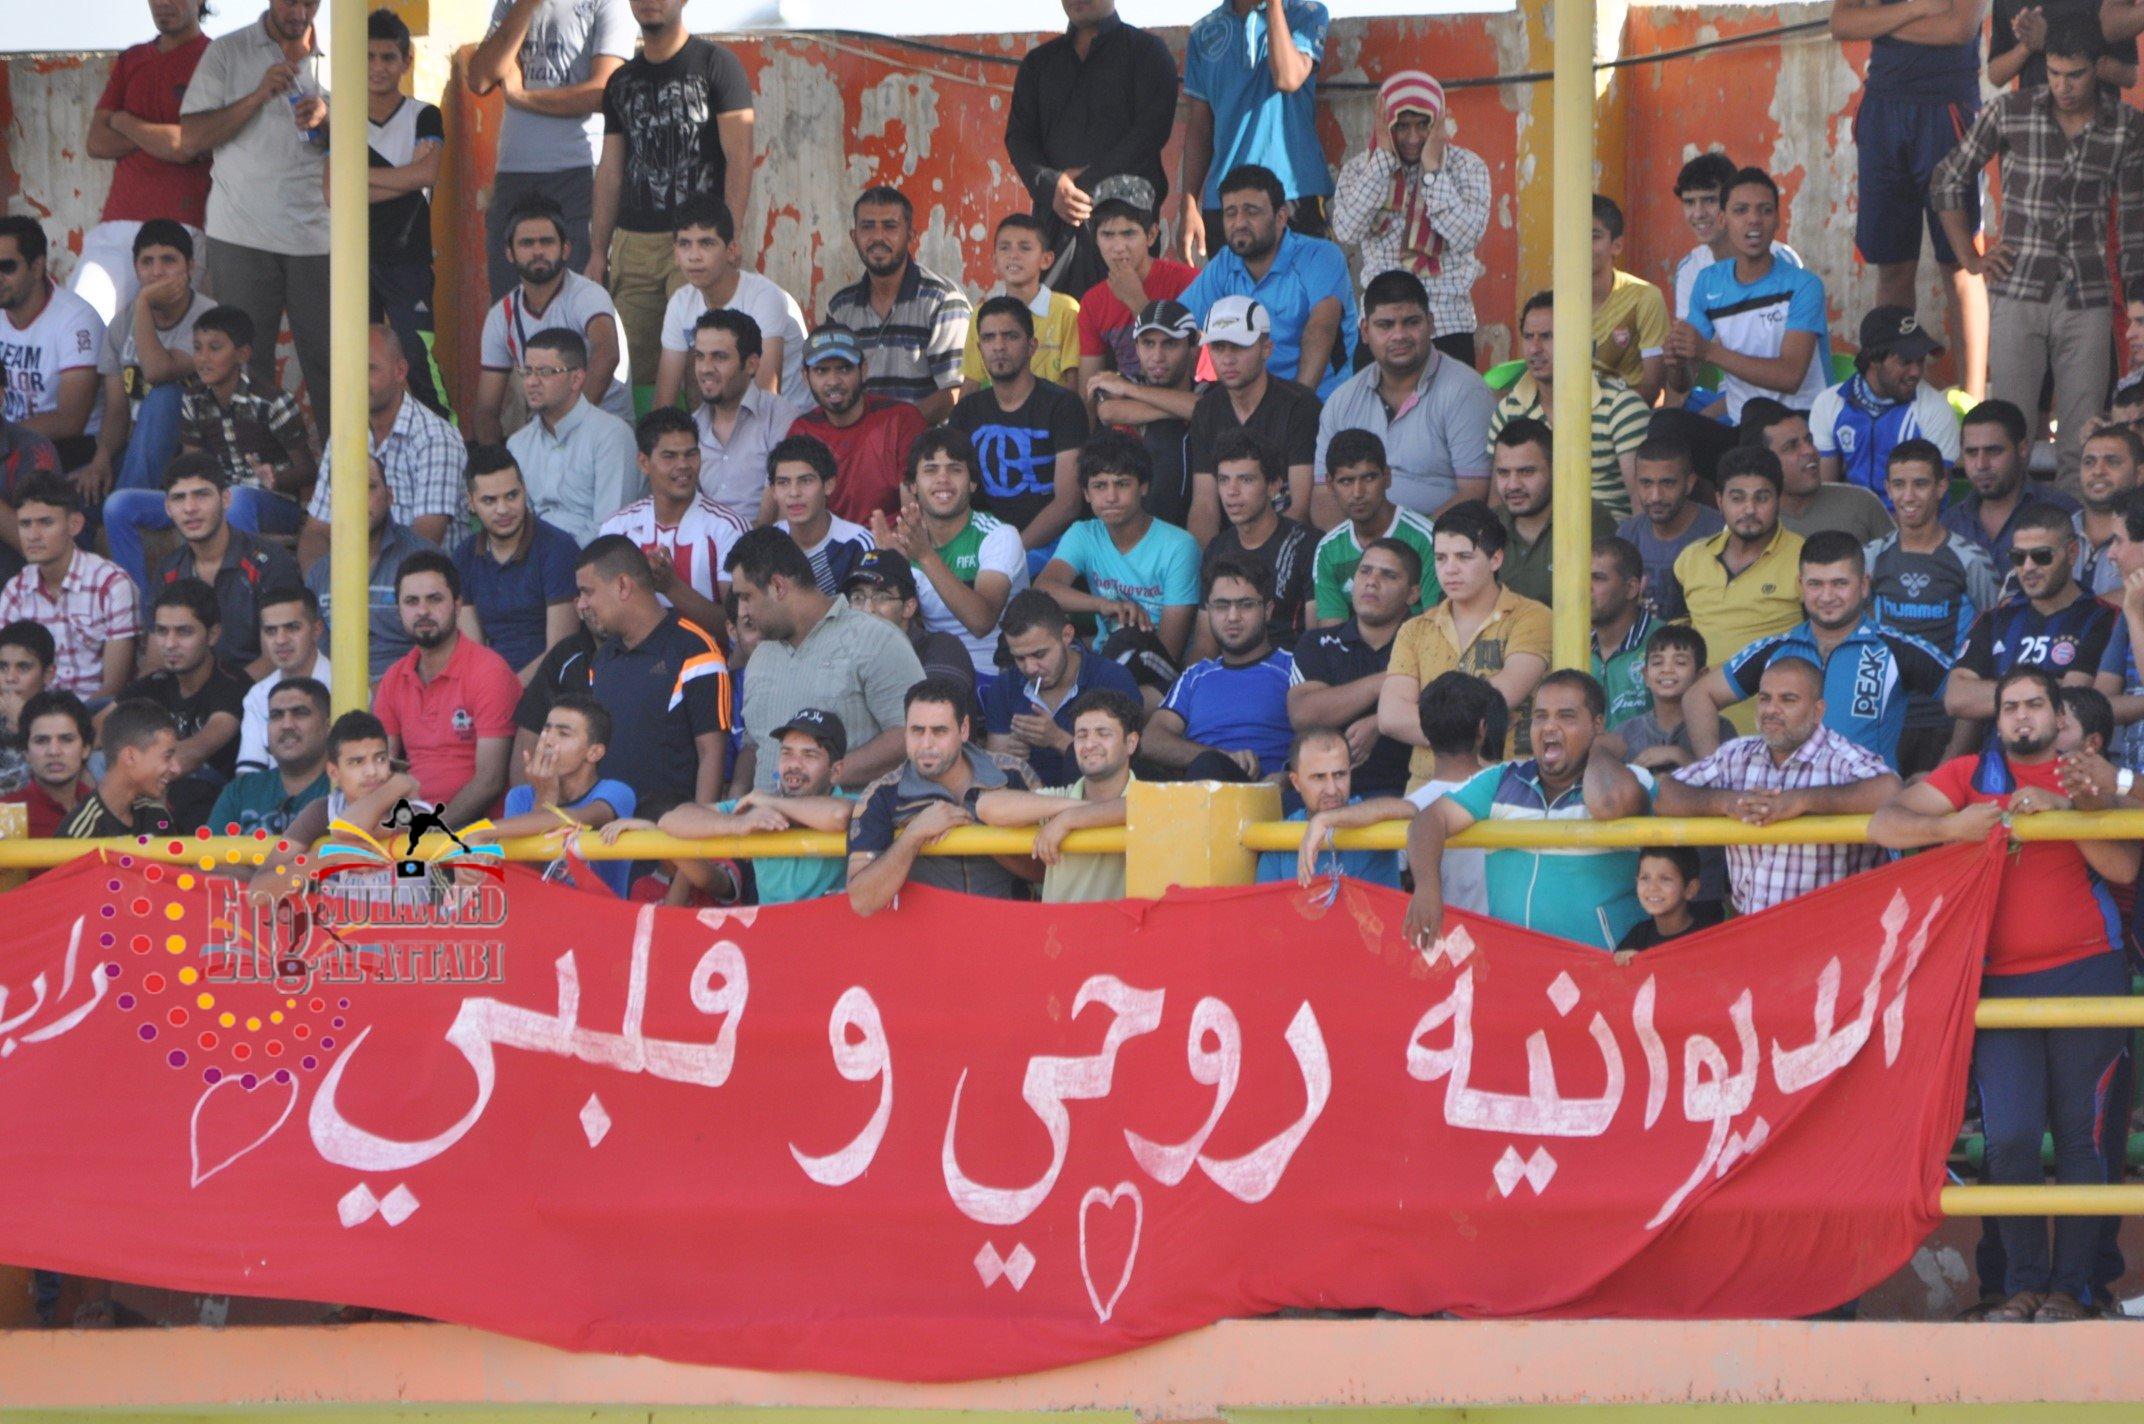 نادي الديوانية ينفي التفاوض مع مدربين من خارج المحافظة